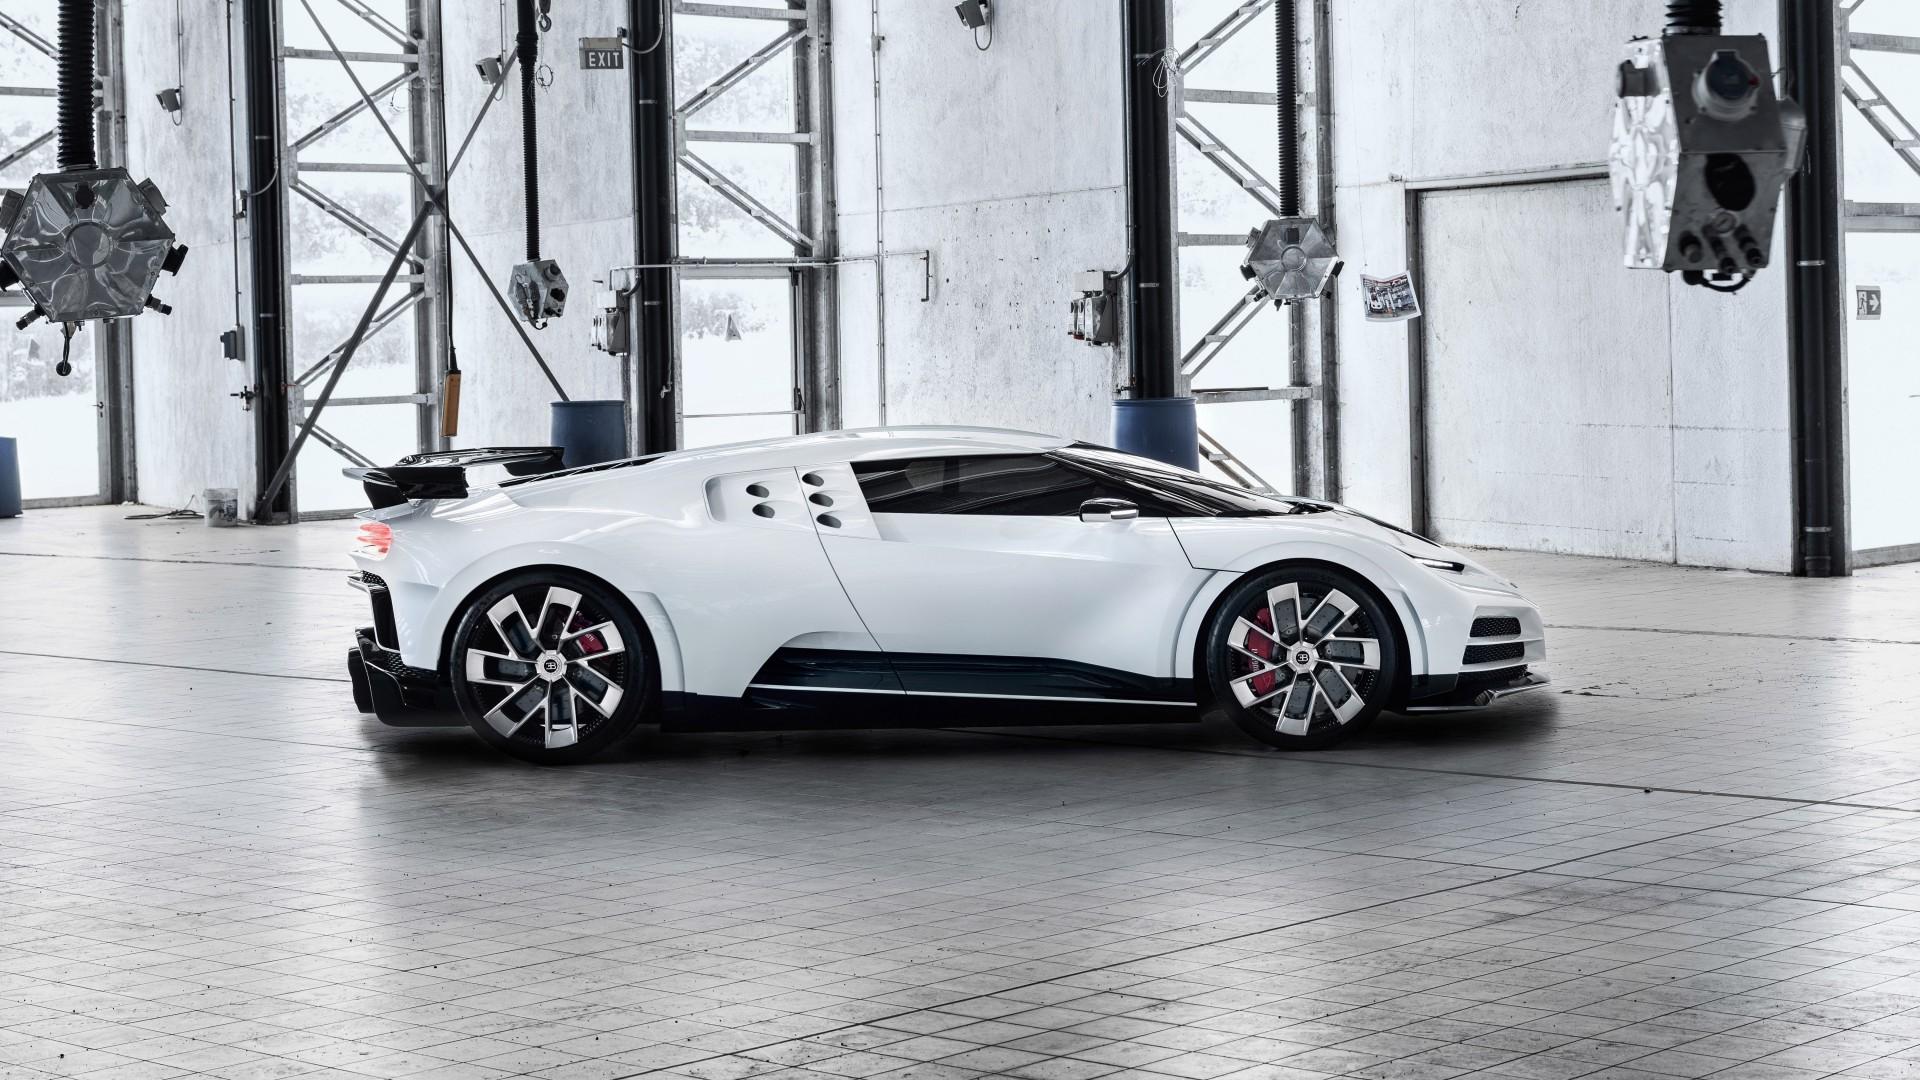 Mazda 6 Sport >> Bugatti Centodieci 2019 5K 6 Wallpaper | HD Car Wallpapers ...